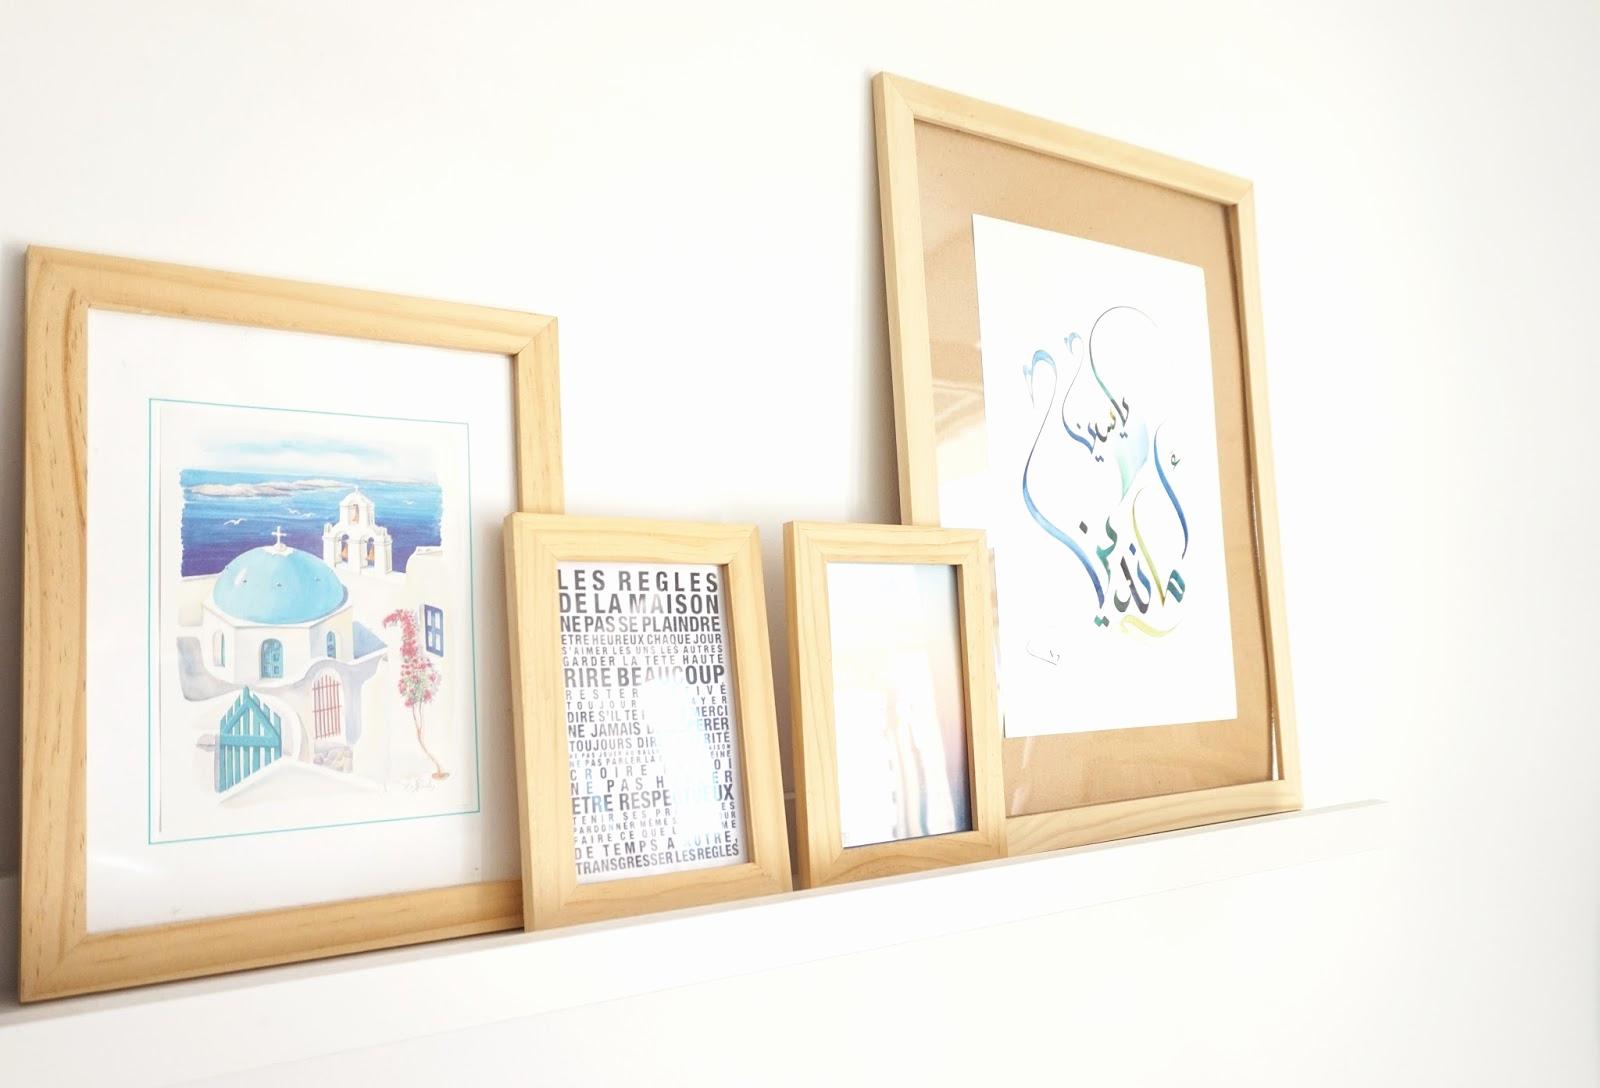 Fabriquer Etagere Salle De Bain Beau Images 32 Luxe De Fabriquer Une étag¨re Murale